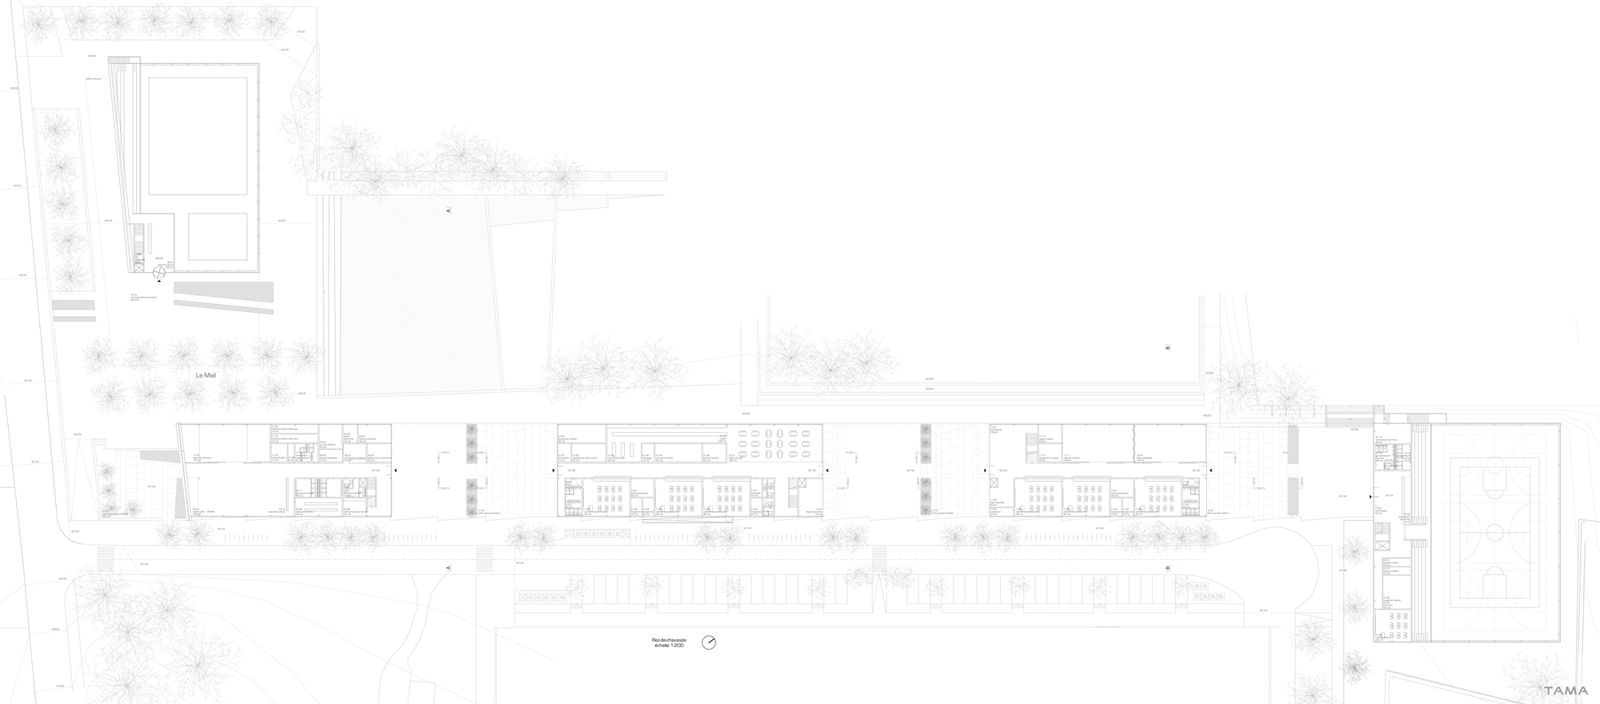 plan du rez-de-chaussée Ecole du Reposoir Nyon